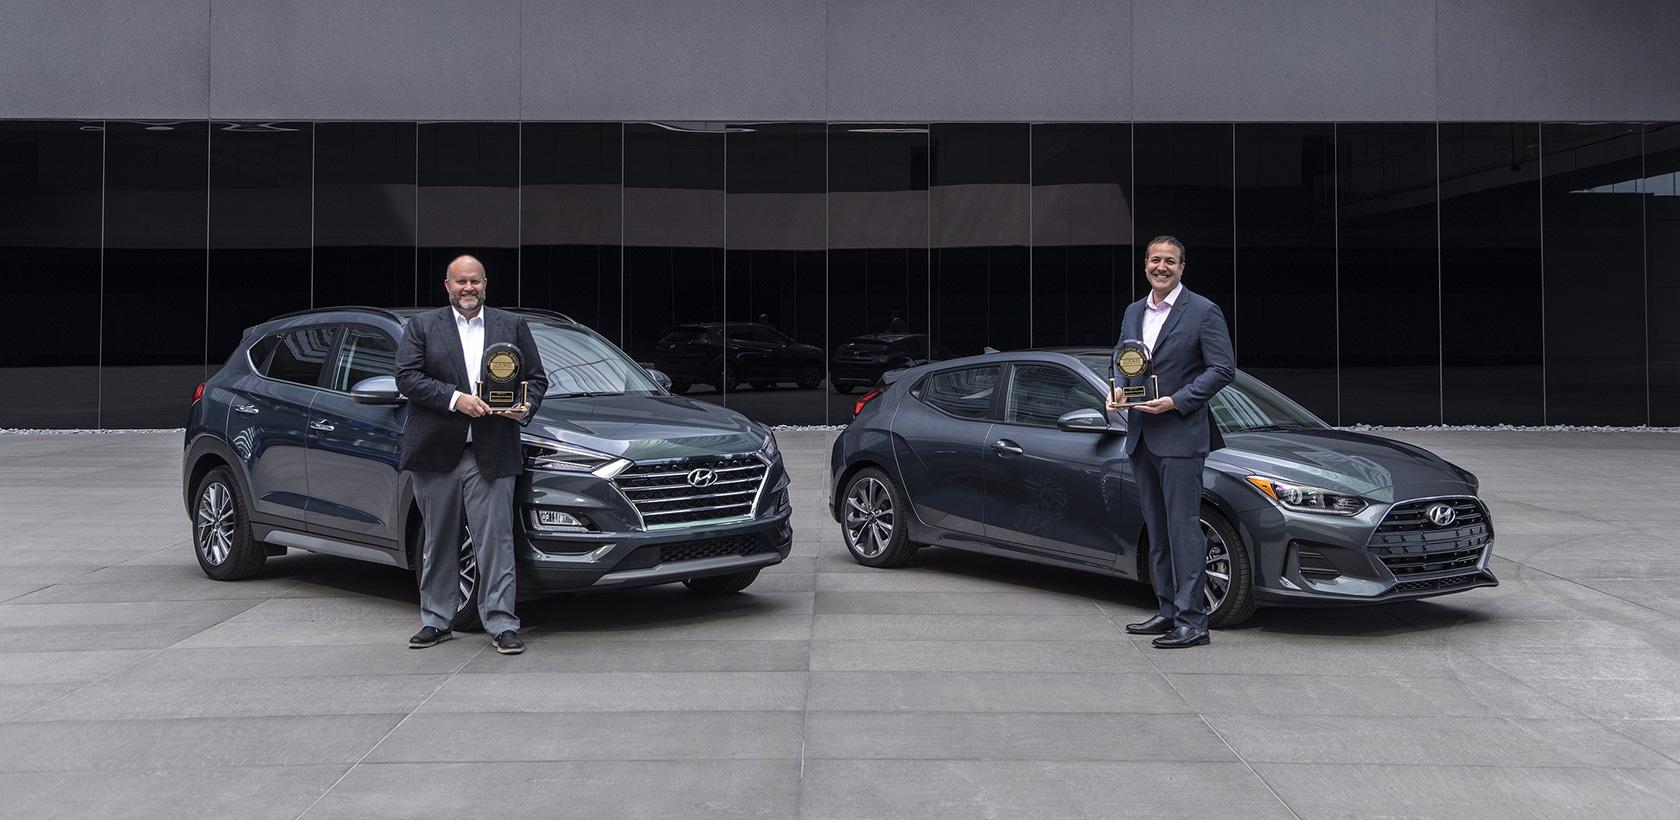 Etude J.D. Power sur la qualité initiale, Hyundai Tucson meilleur SUV compact